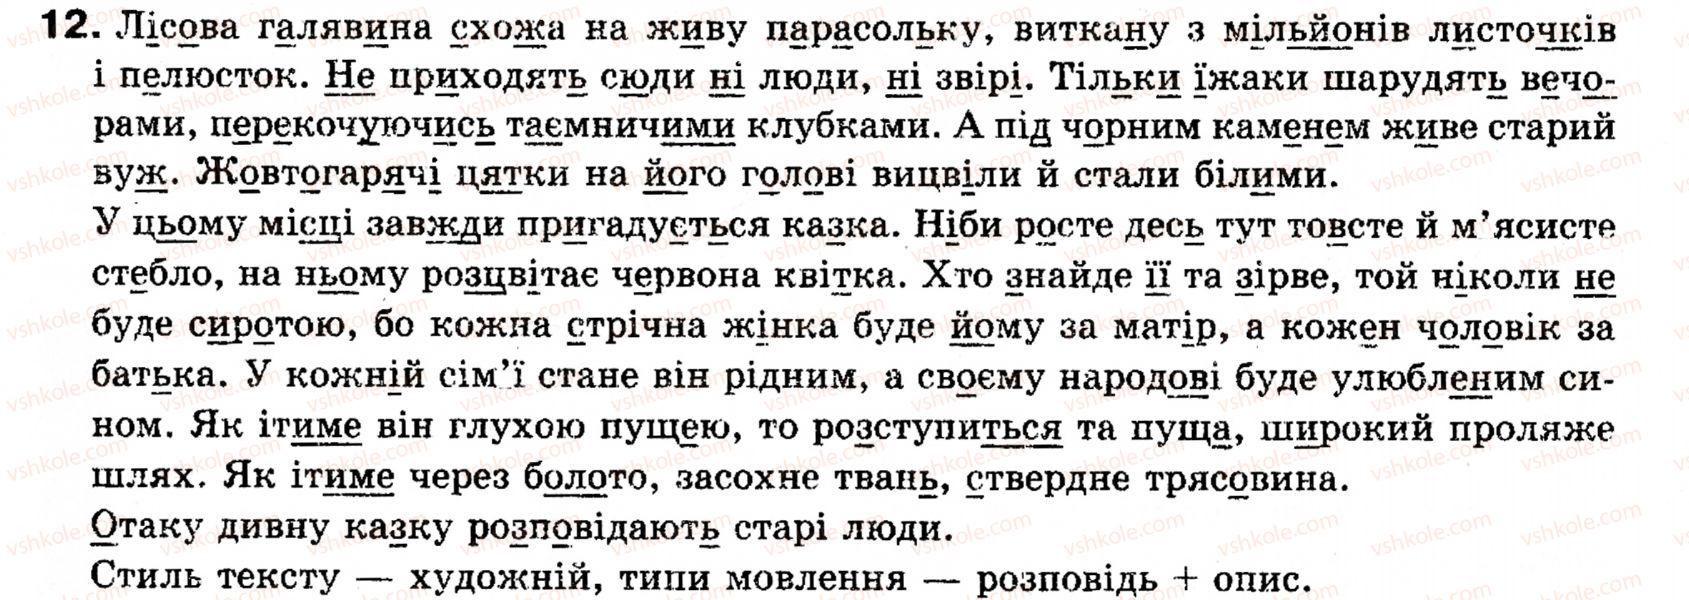 решебник перевод на украинский